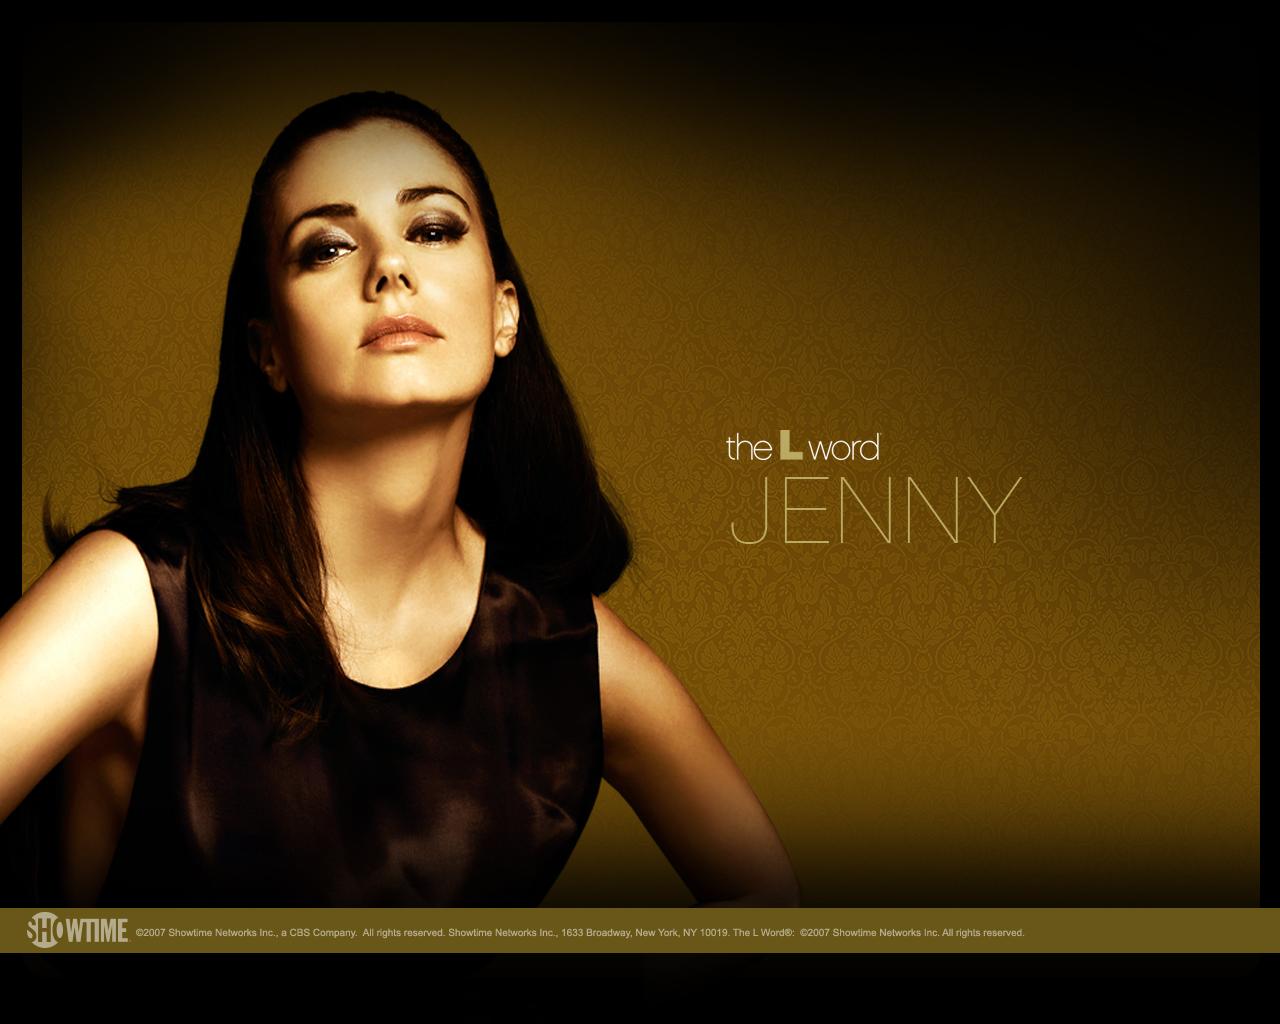 http://1.bp.blogspot.com/-ySdX9piPIdE/T0A-L1HWvcI/AAAAAAAACJU/-Knjs5kdfTw/s1600/lword5_jenny_1280x1024.jpg